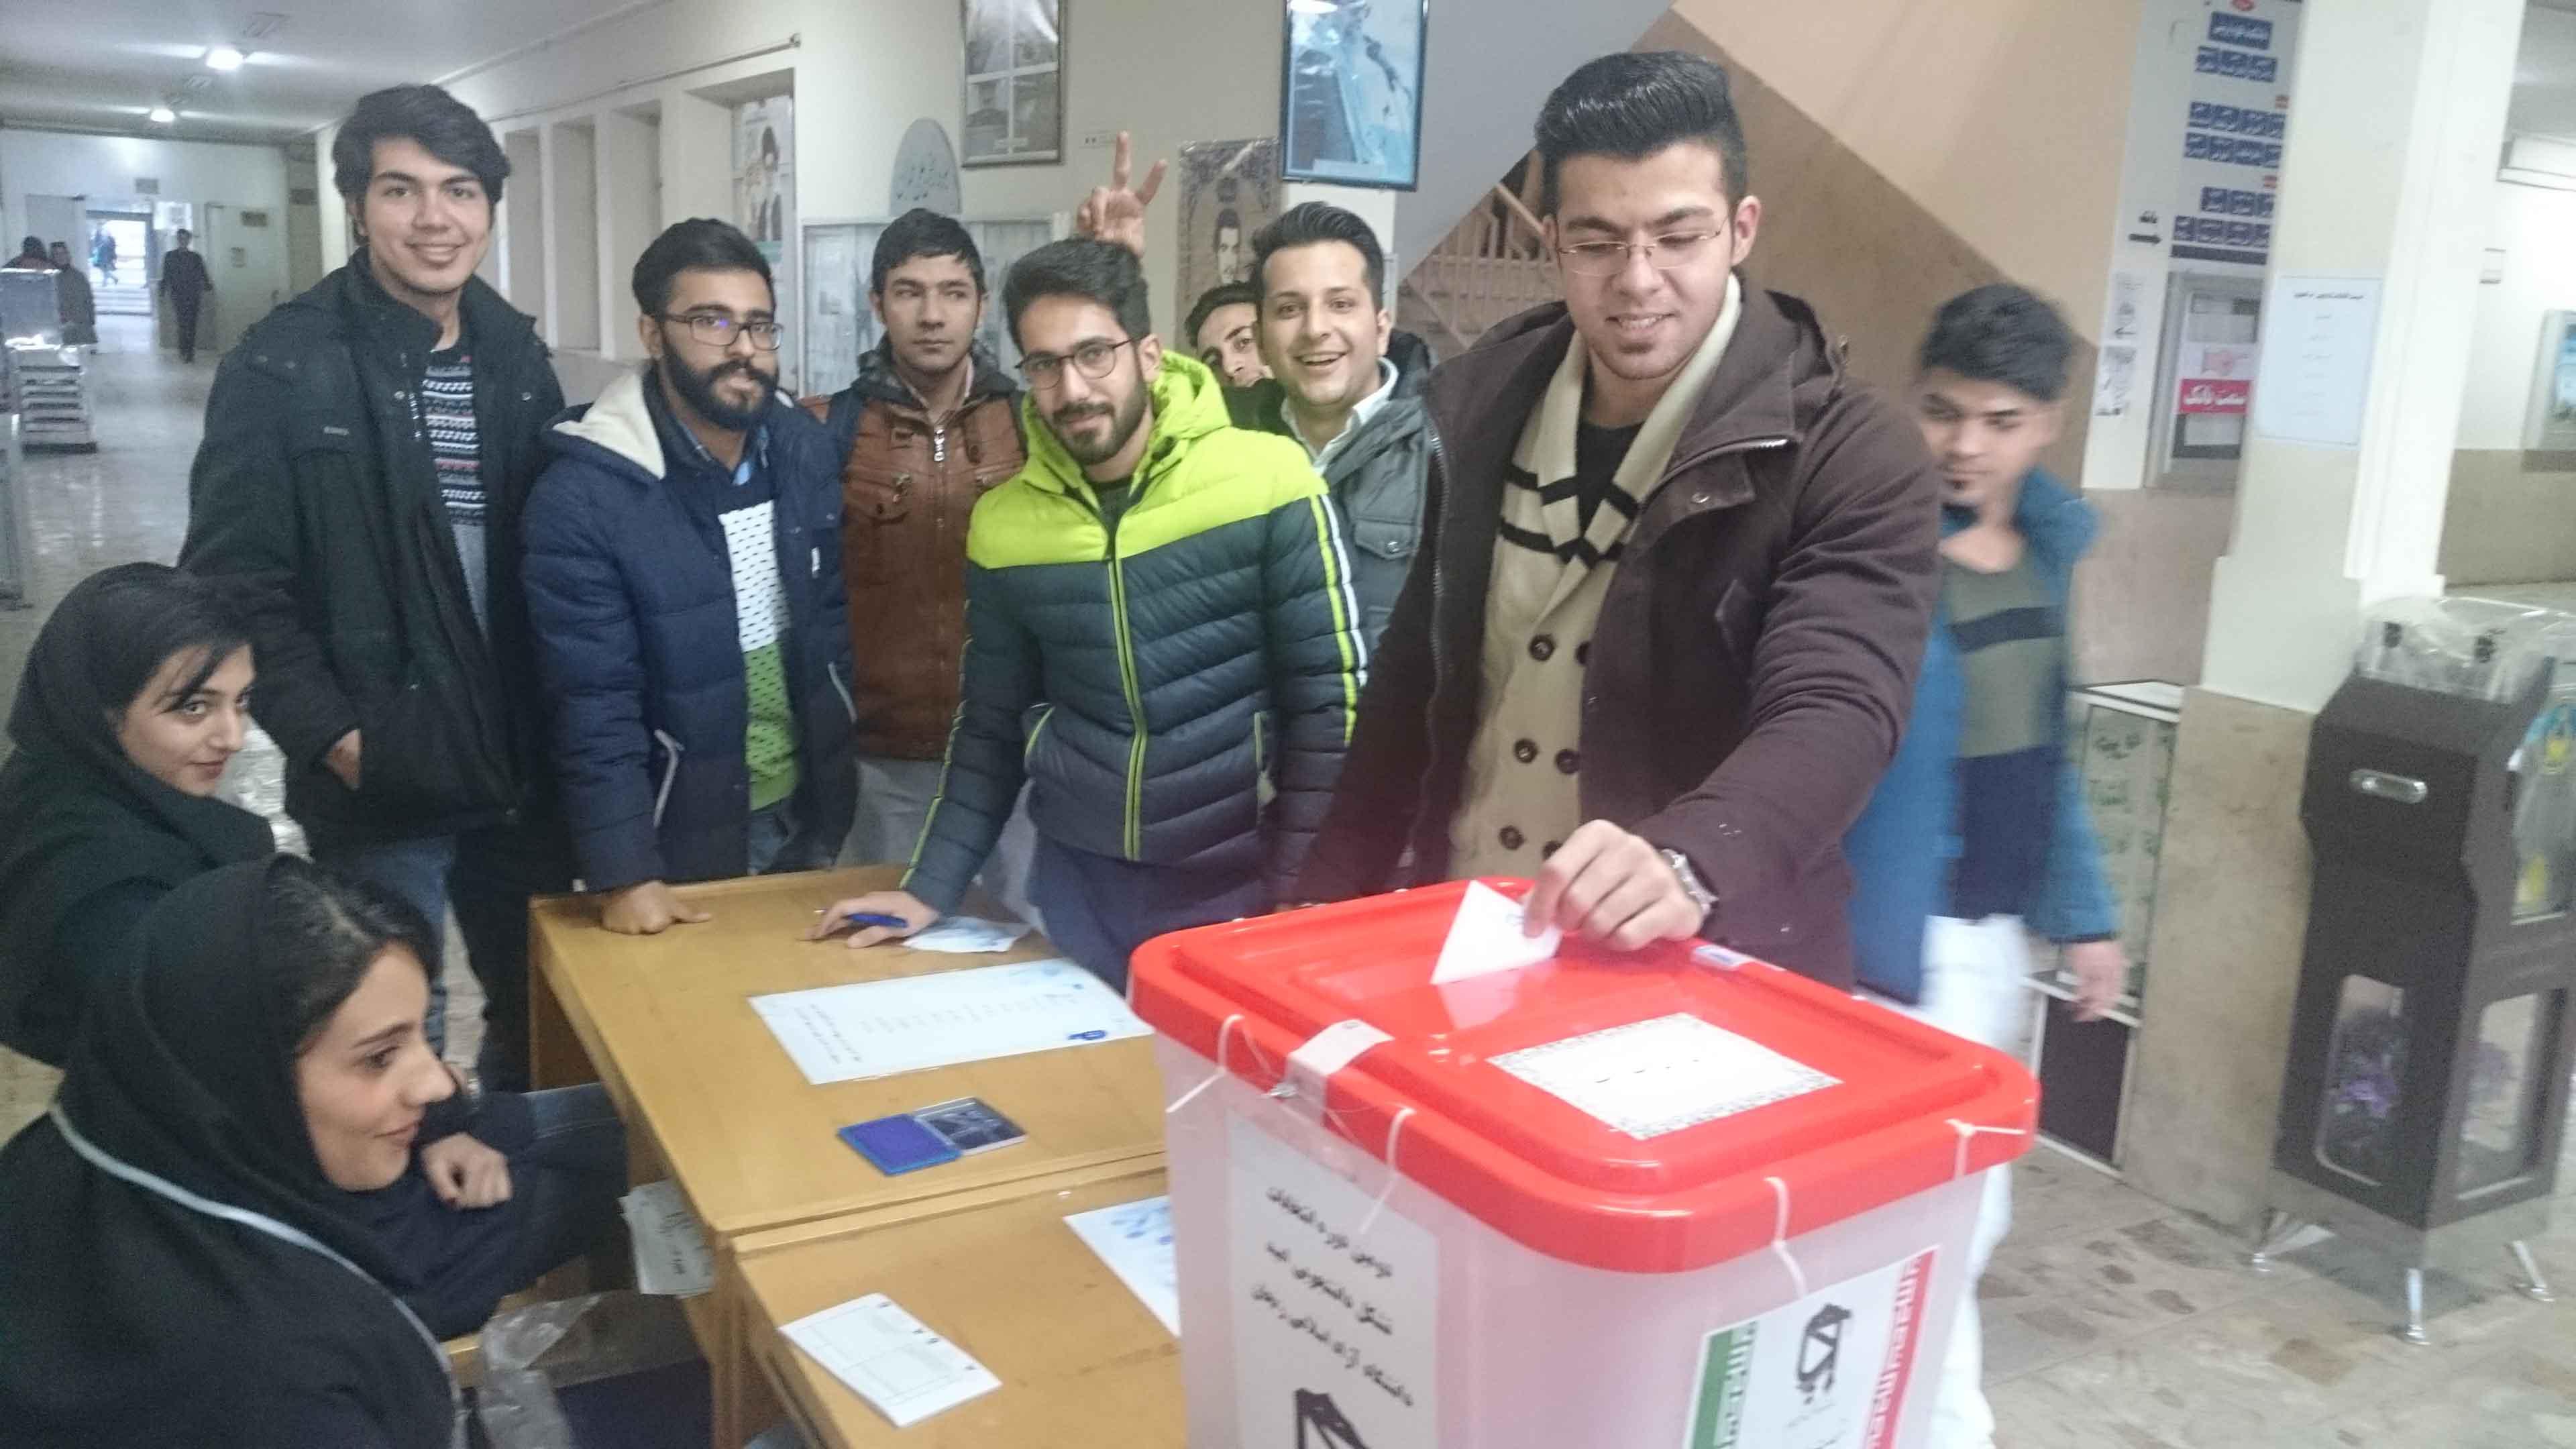 دومین دوره انتخابات شورای مرکزی تشکل امید برگزار گردید.